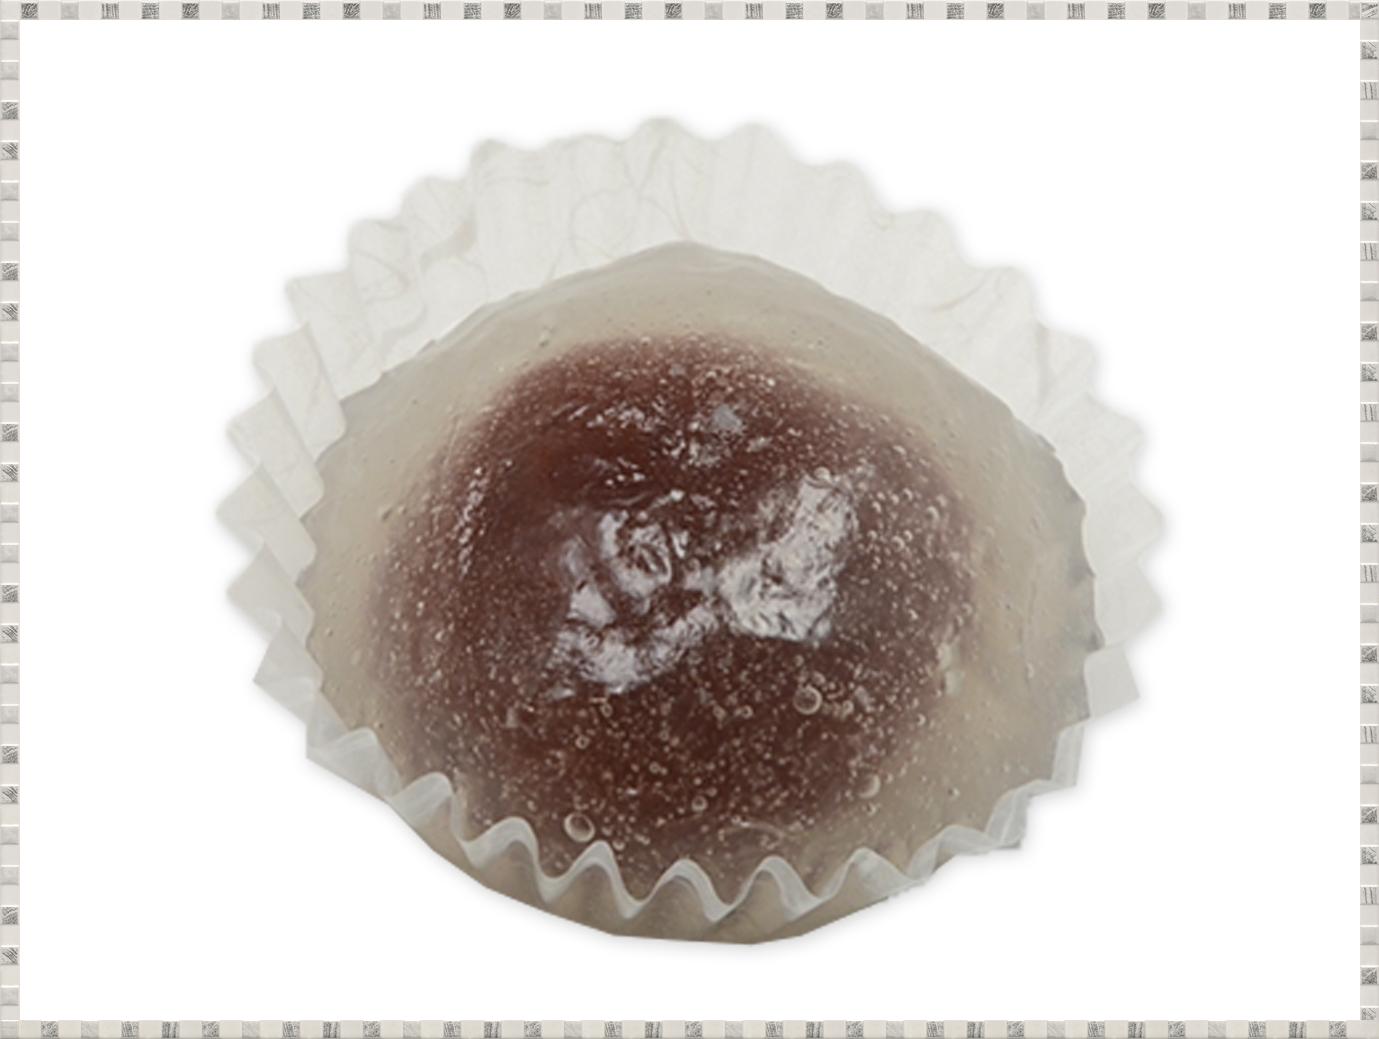 セブンのあじさい色のレモンゼリーと宇治抹茶のパフェと北海道十勝産小豆使用 冷やし葛まんじゅうの値段は?